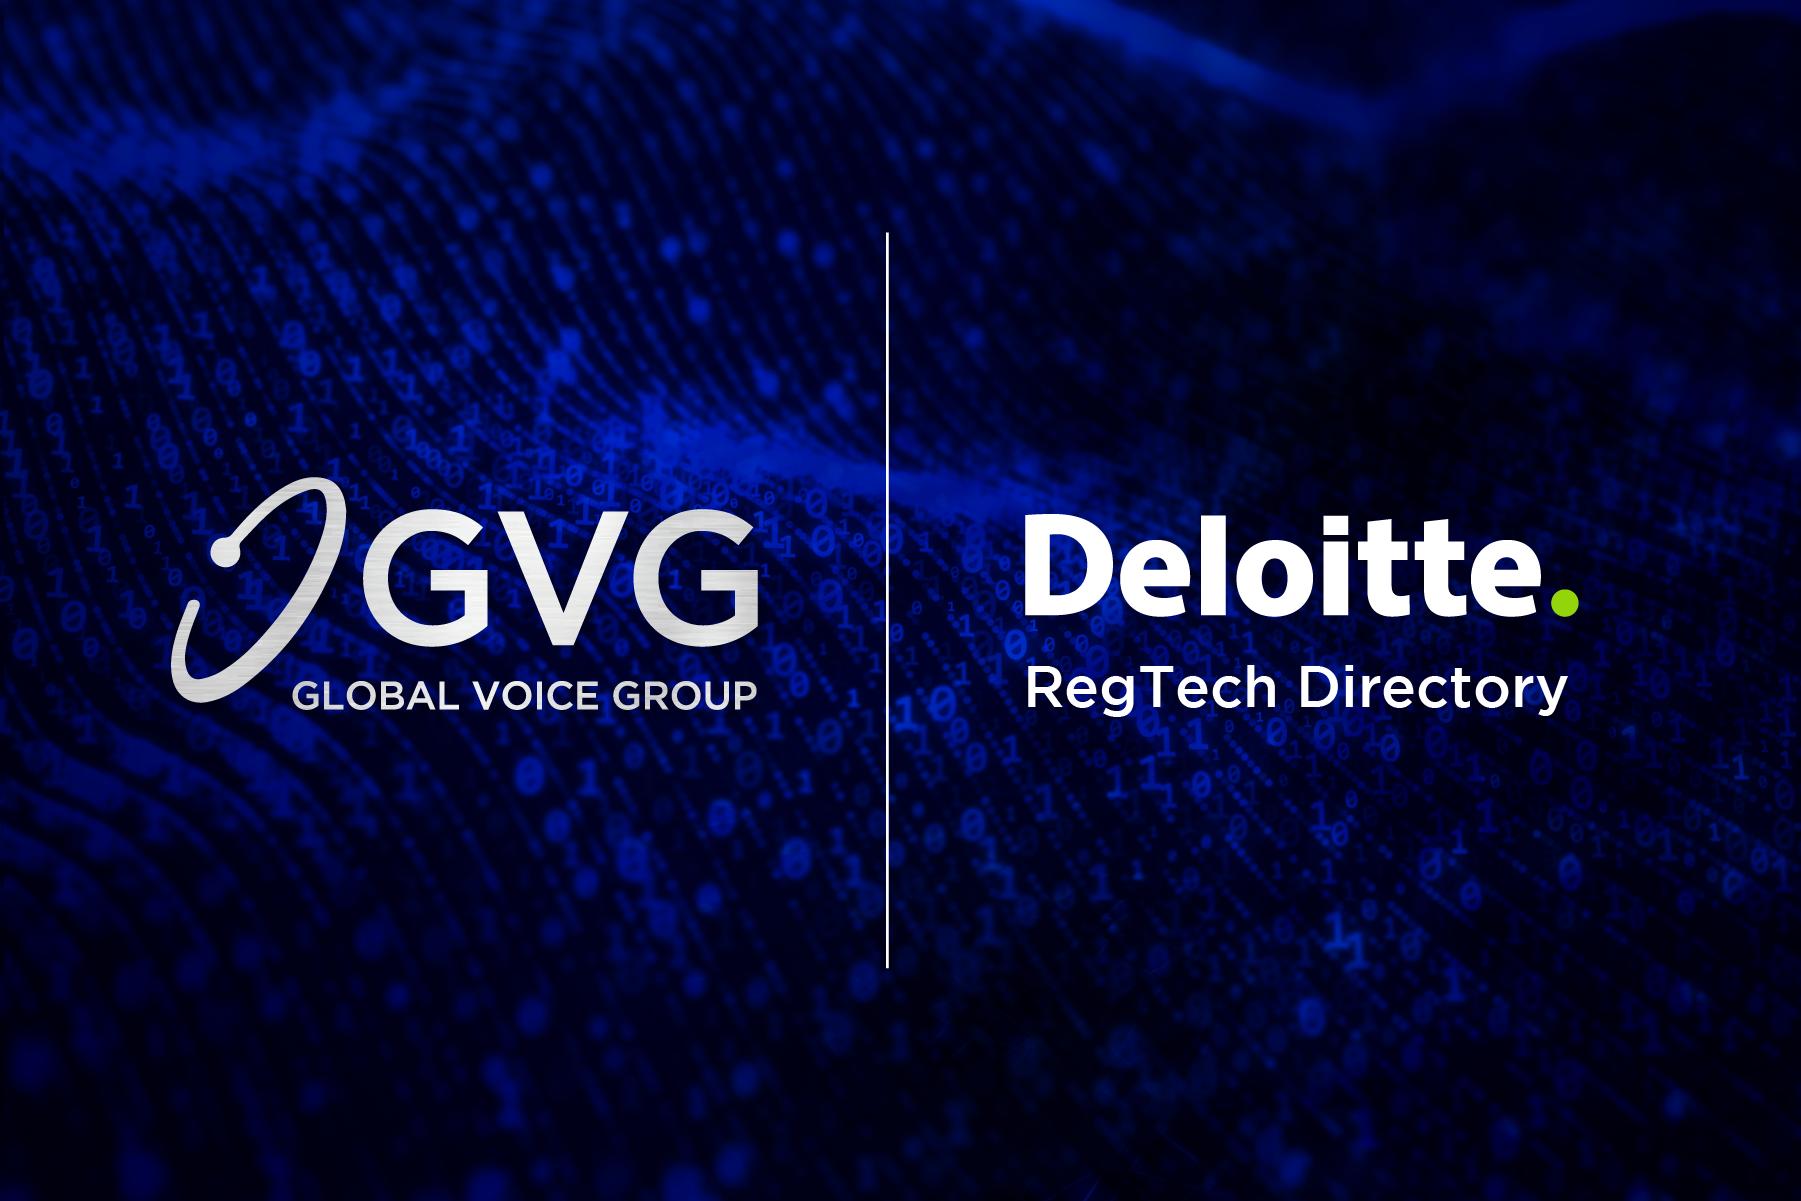 Deloitte inclut Global Voice Group dans son répertoire RegTech